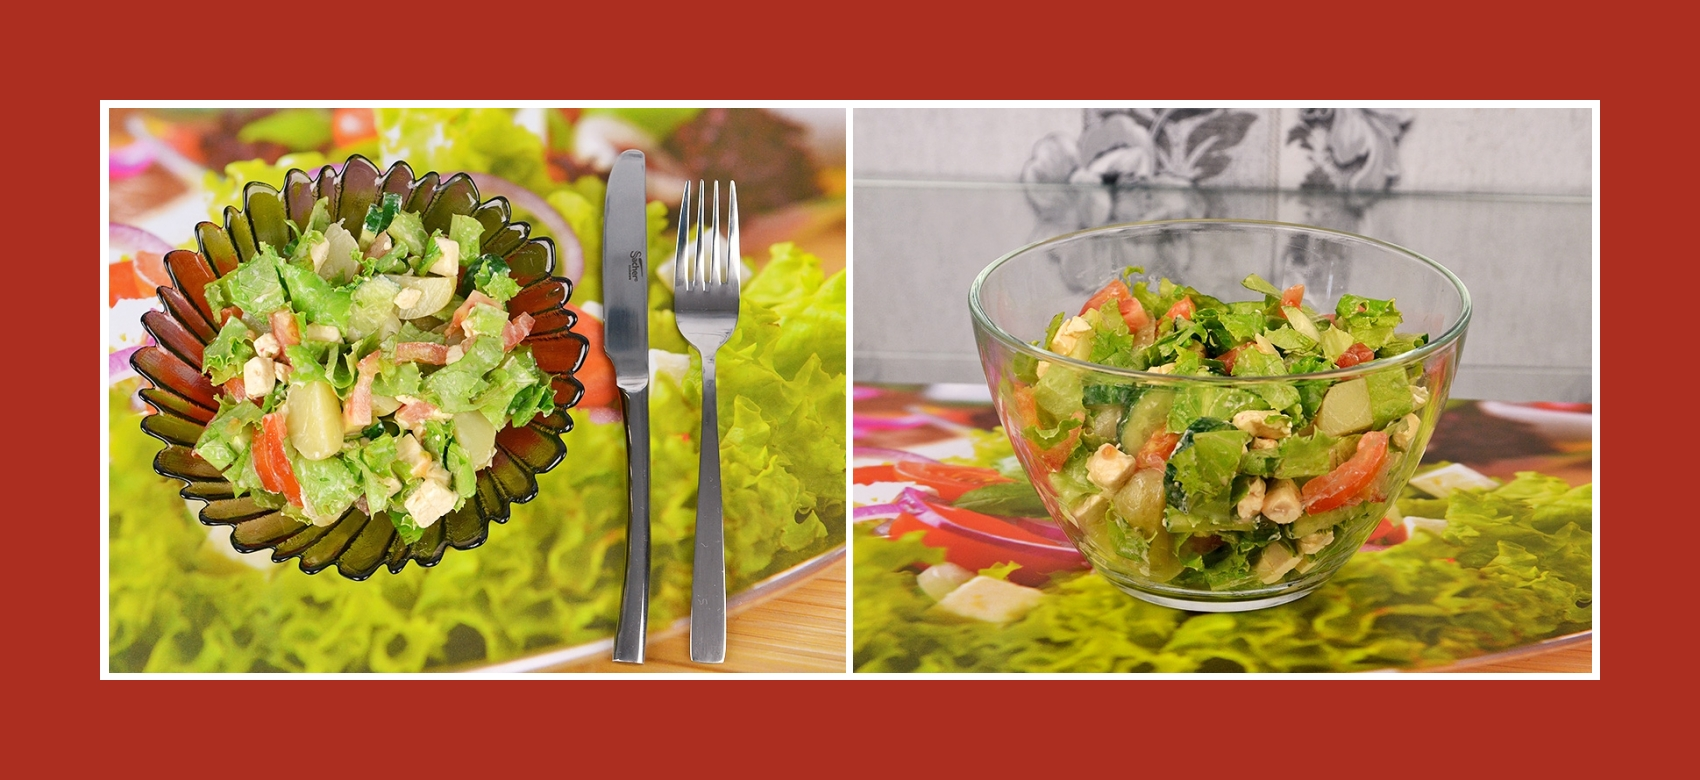 Frühkartoffelsalat mit Tomaten, Gurken, Gartensalat und Schmelzkäse